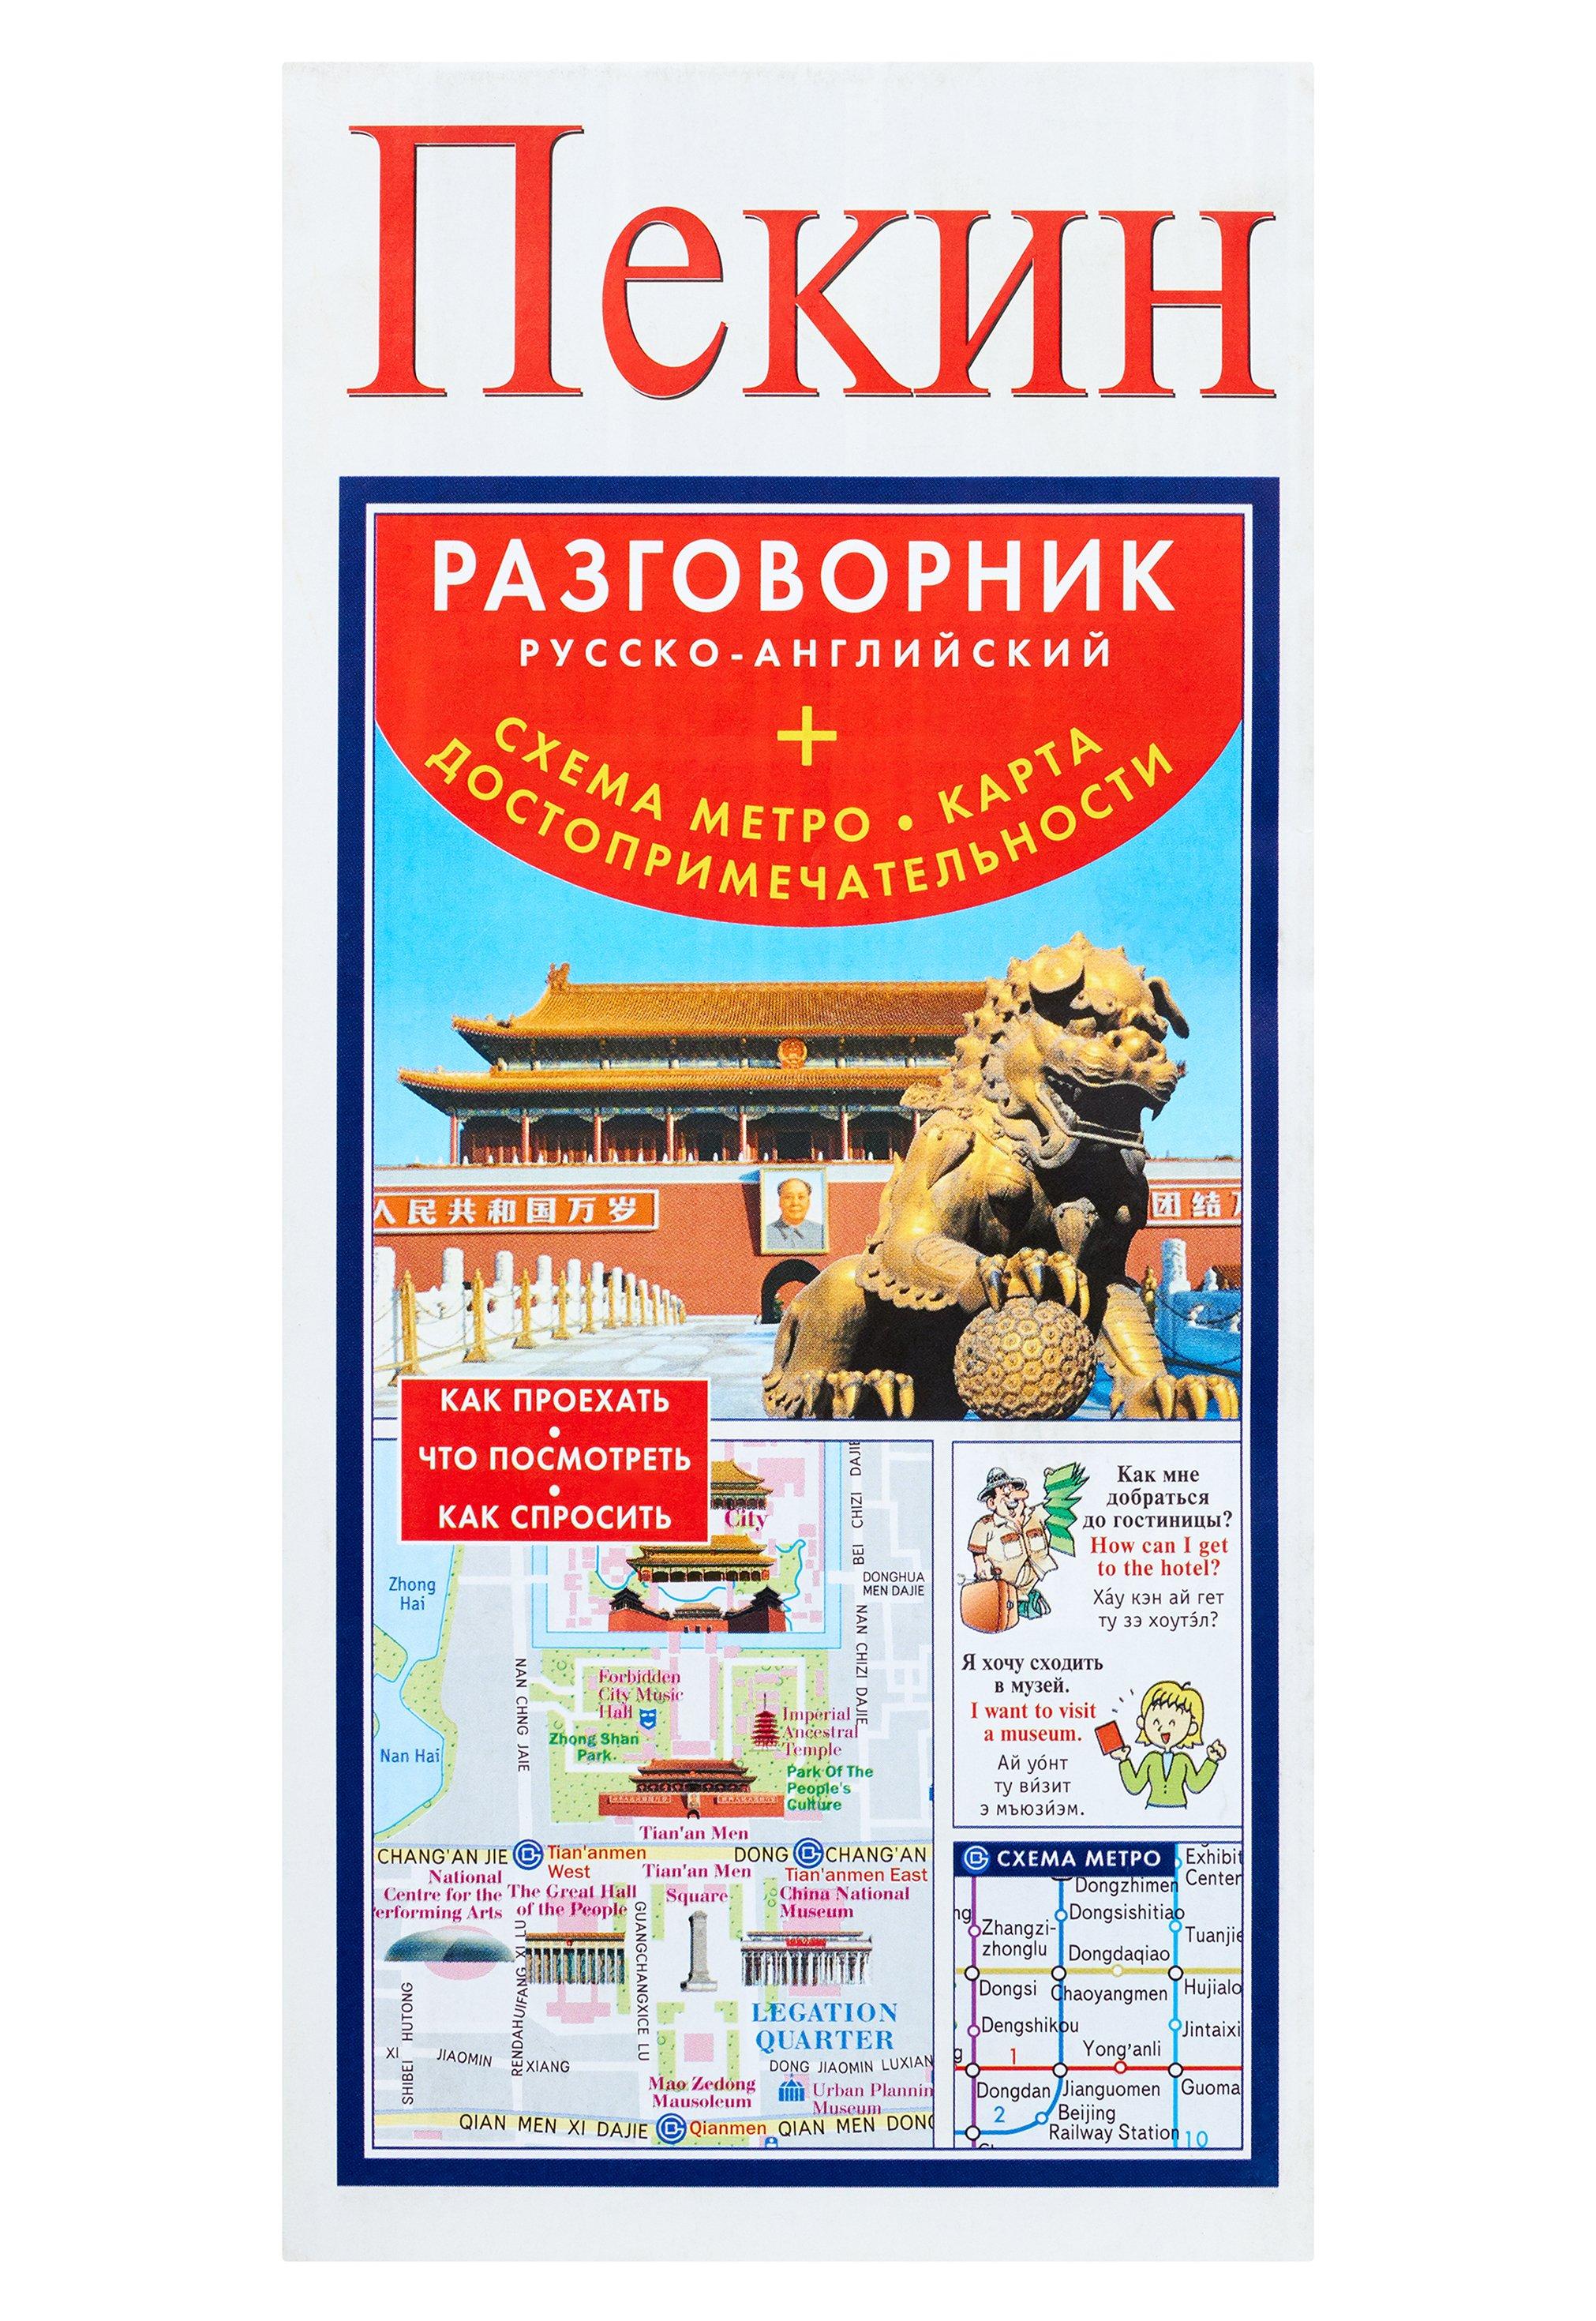 Пекин. Русско-английский разговорник + схема метро, карта, достопримечательности клин план города карта окрестностей